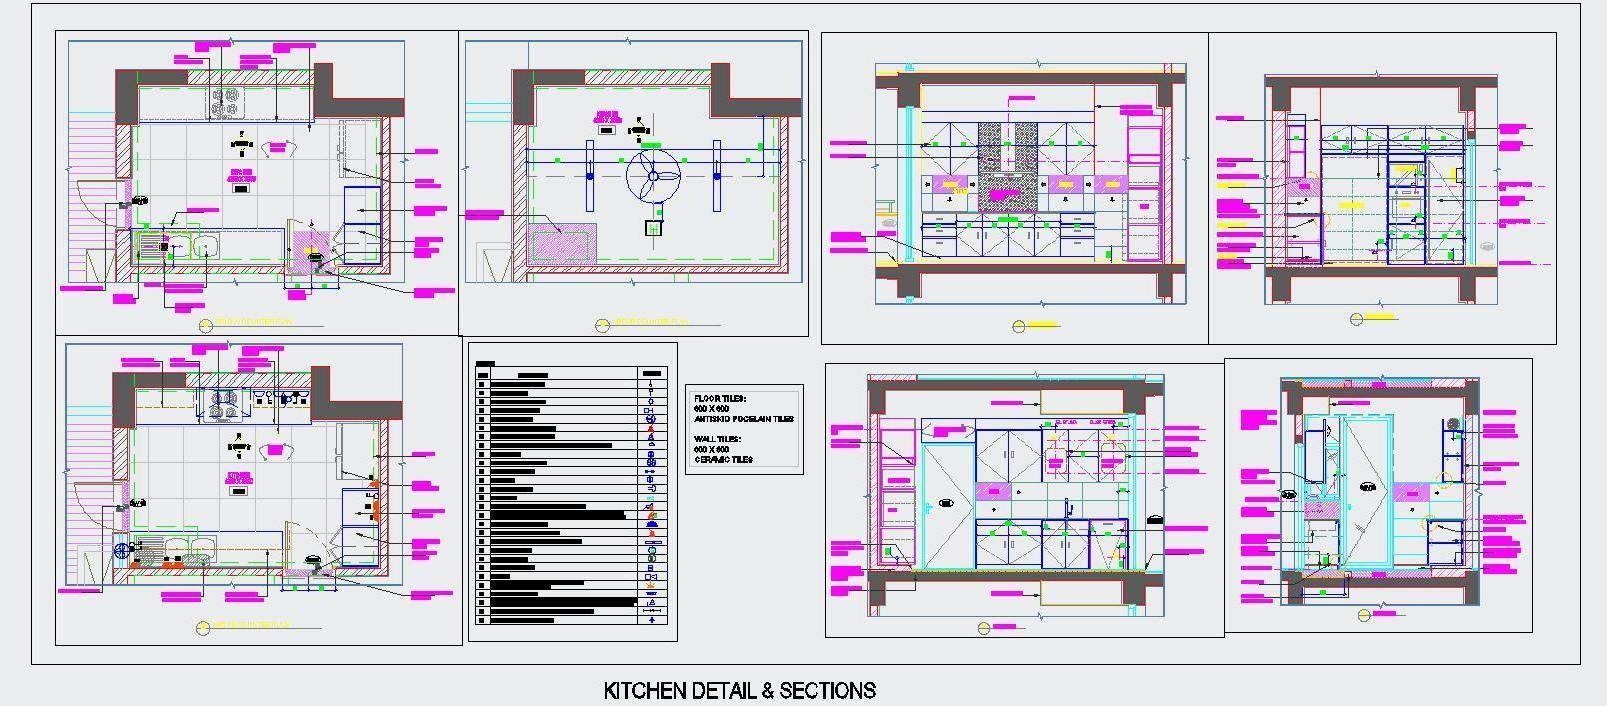 Modular Kitchen Design Detail   Modular kitchen design, Kitchen ...